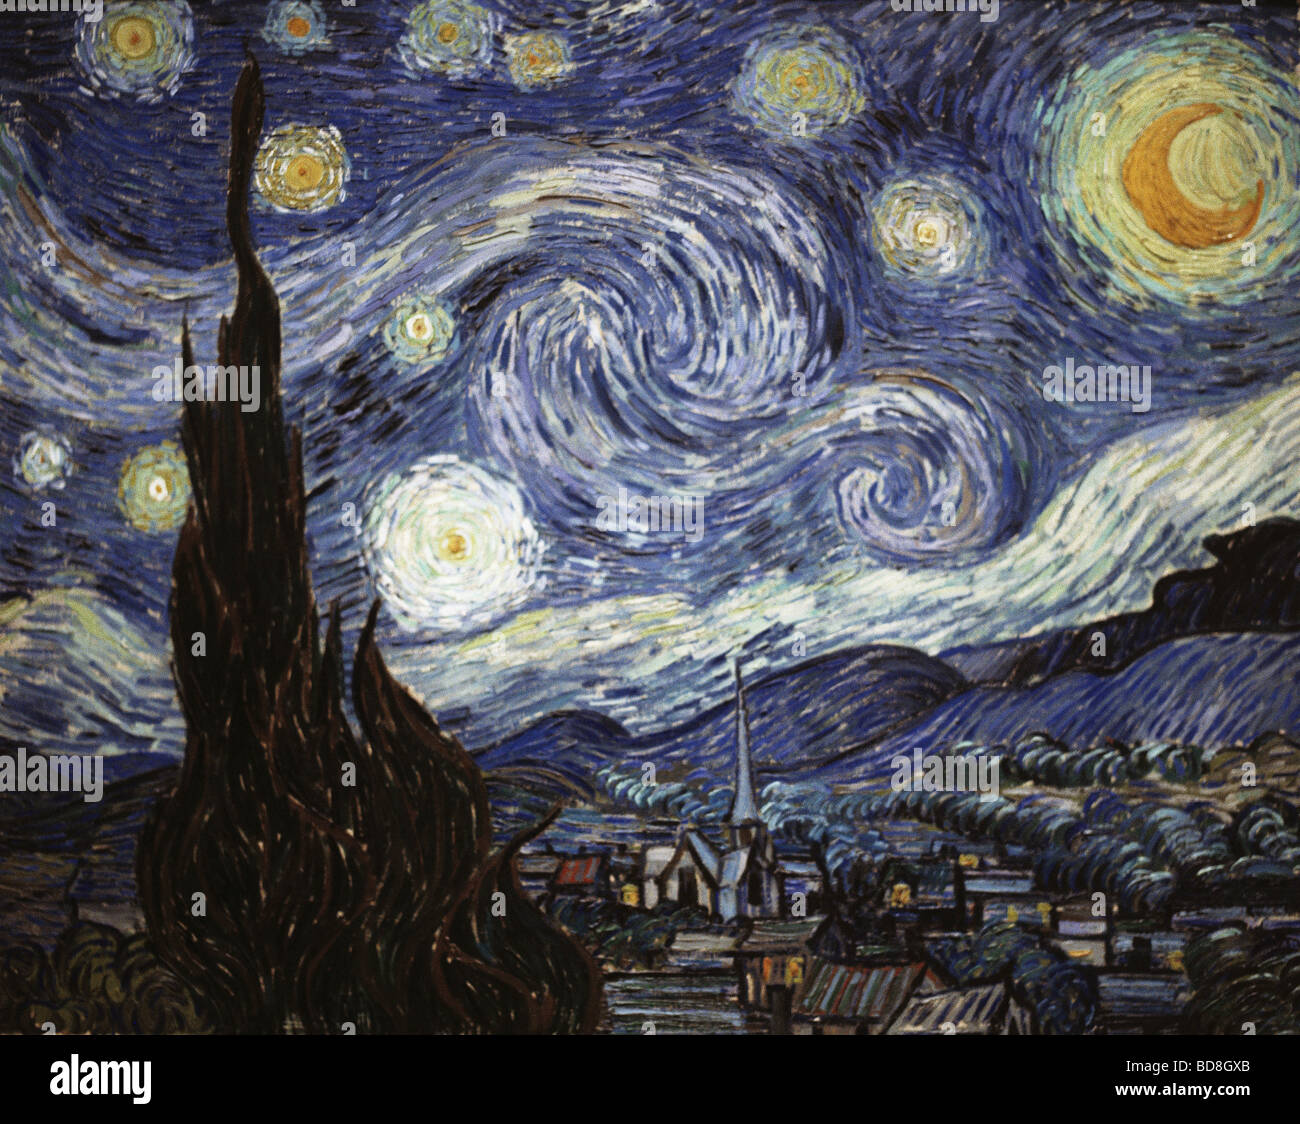 Bellas artes, Vincent van Gogh, (1853 - 1890), pintura, 'La noche estrellada', óleo sobre lienzo, 73 Imagen De Stock